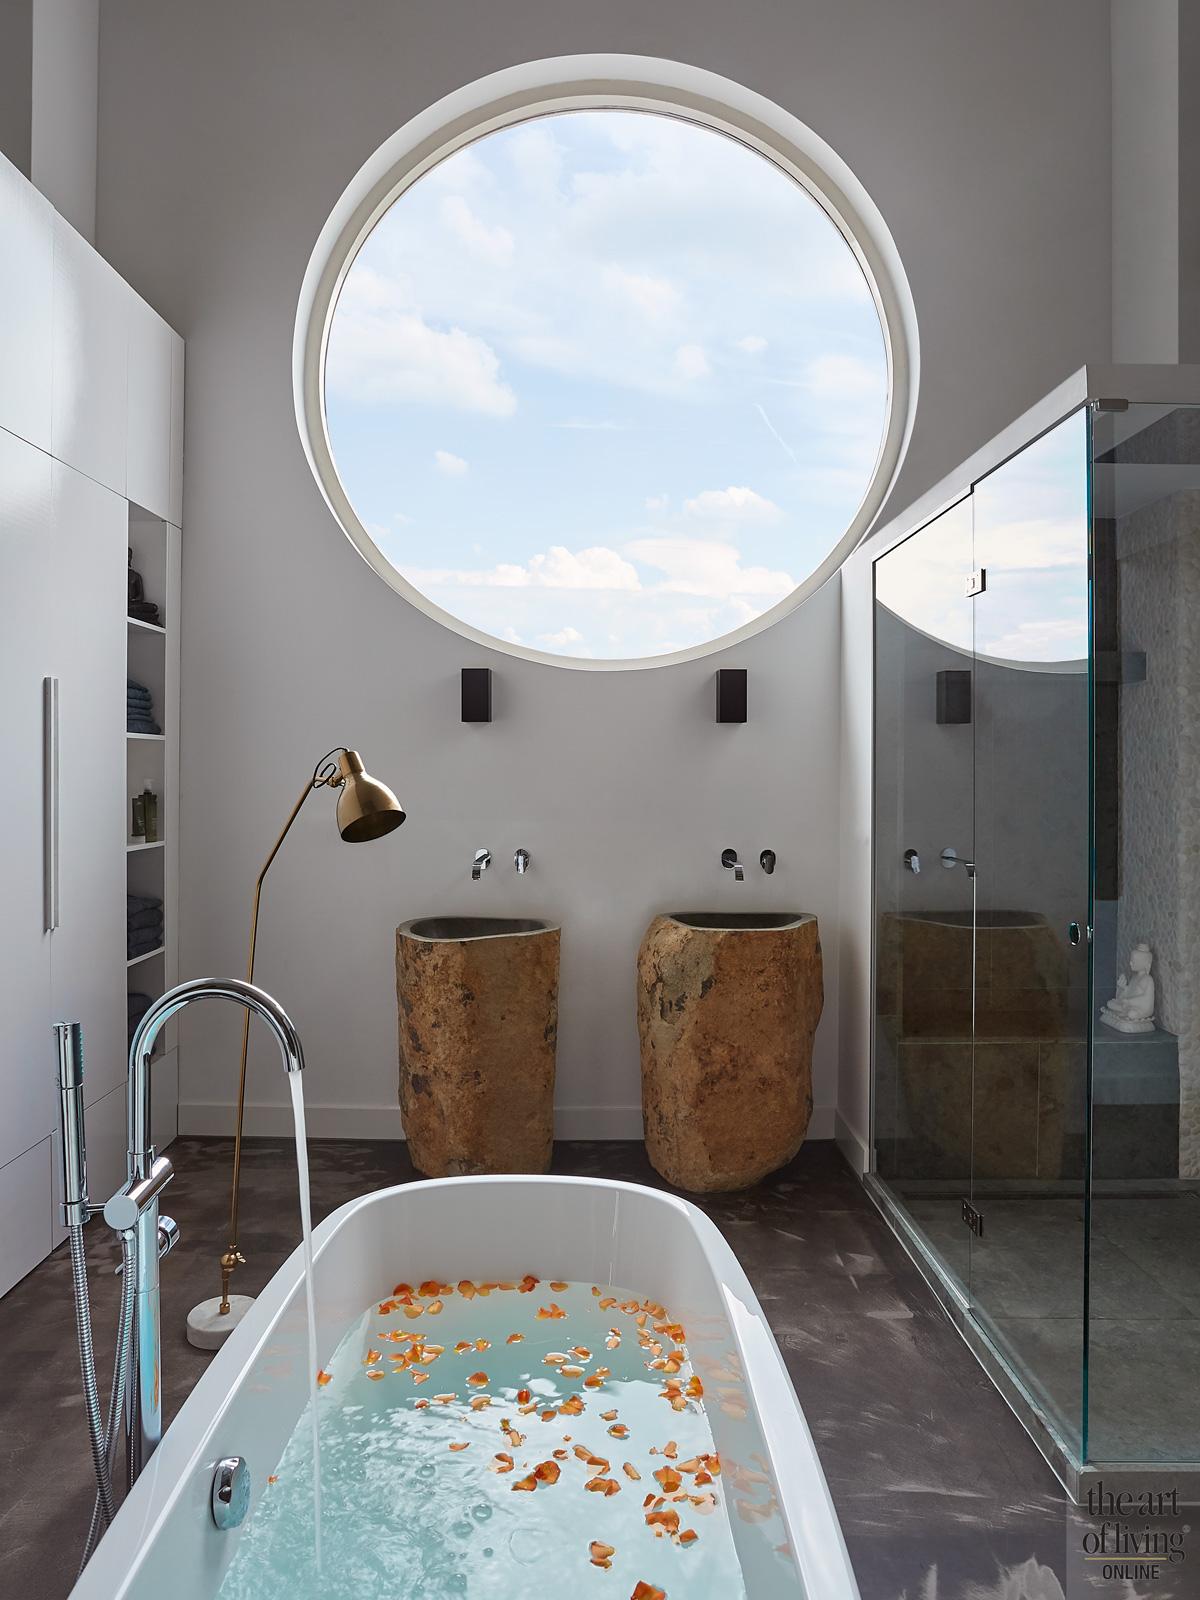 Badkamer, groot raam, vrijstaand bad, natuurlijk licht, wastafel, groene natuursteen, woning in kerk, Osiris Hertman